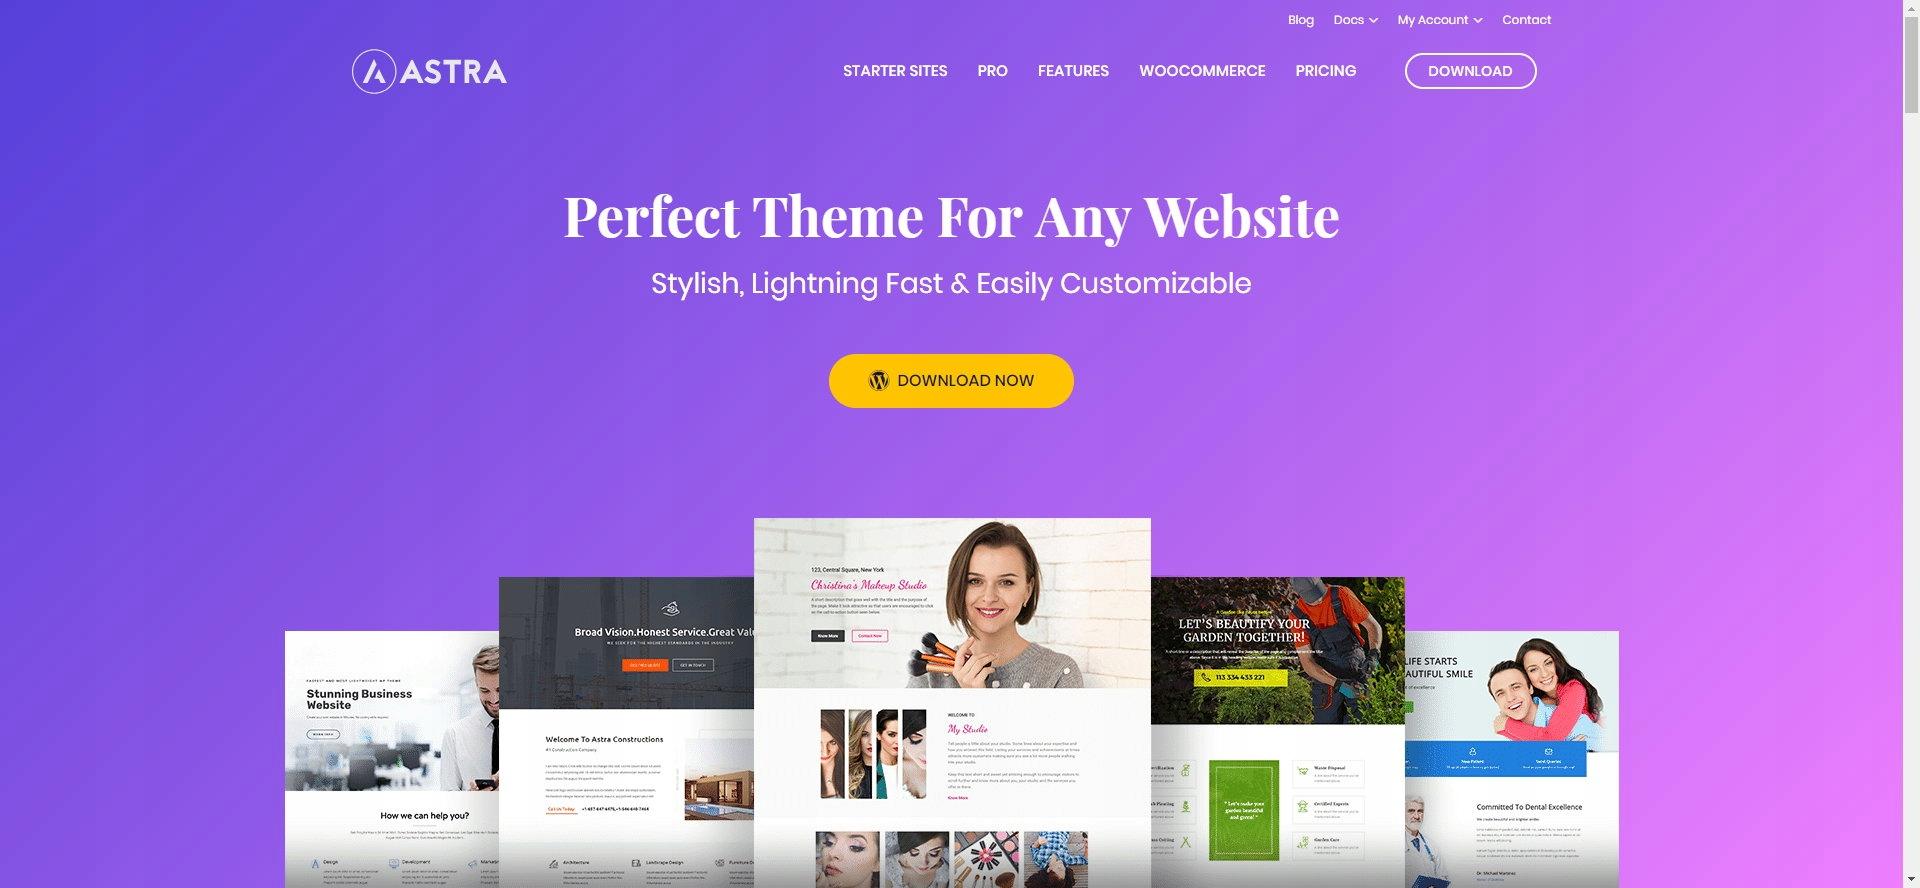 Szablon Wordpress do Landing Page